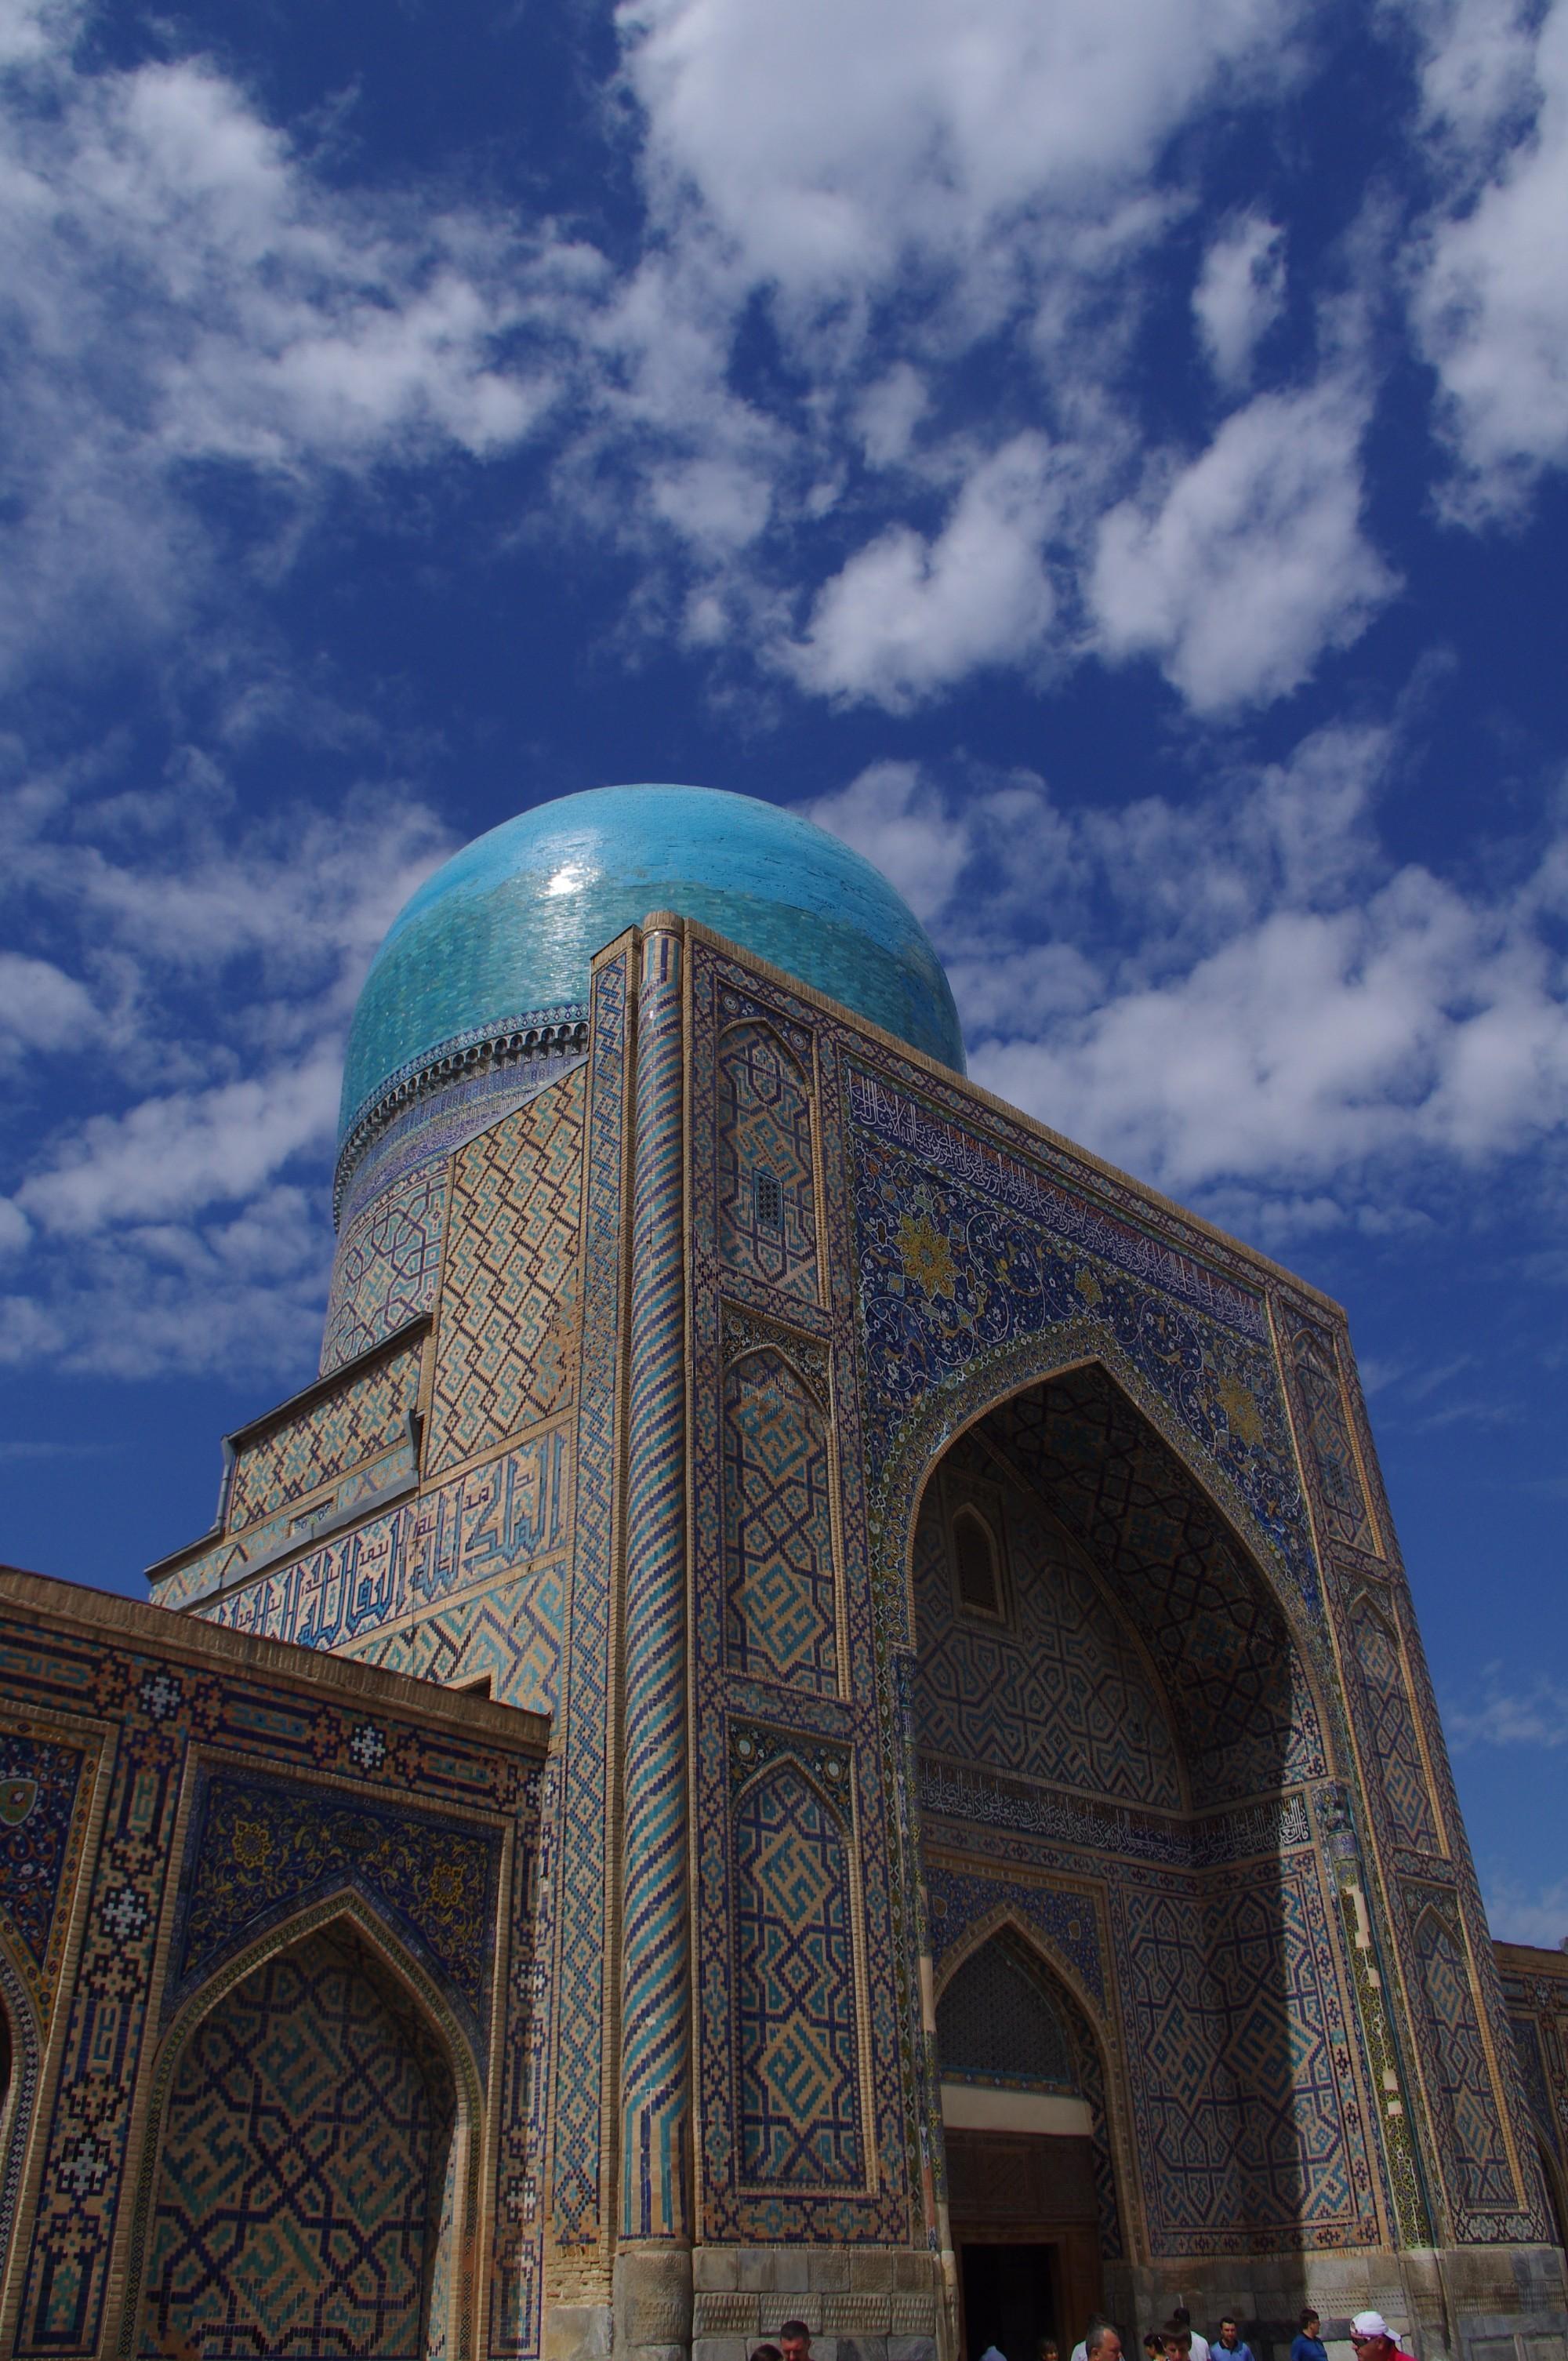 Узбекистан картинки фото, семья картинки для